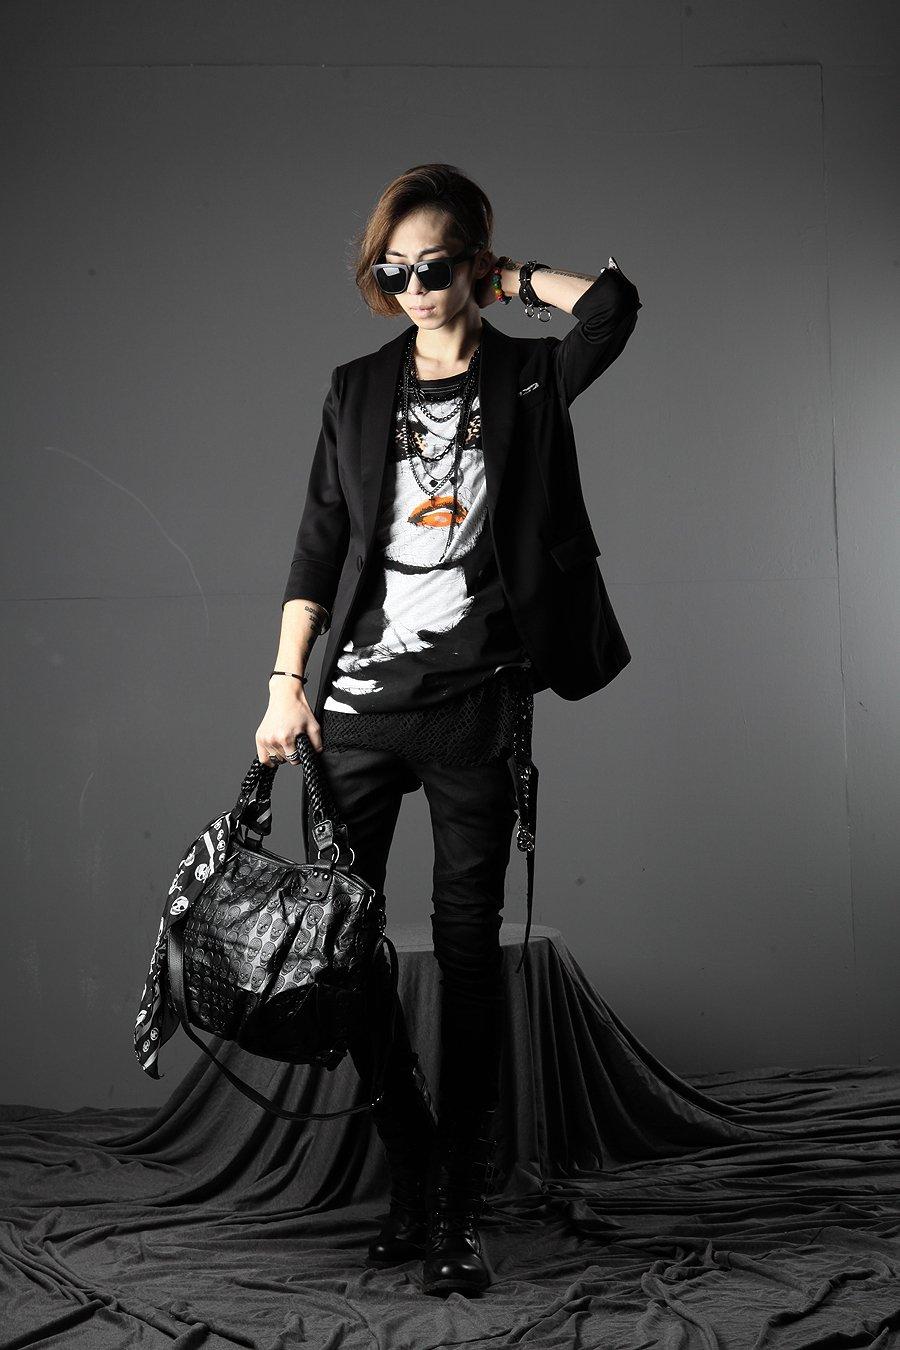 韩国流行元素超帅个性模特